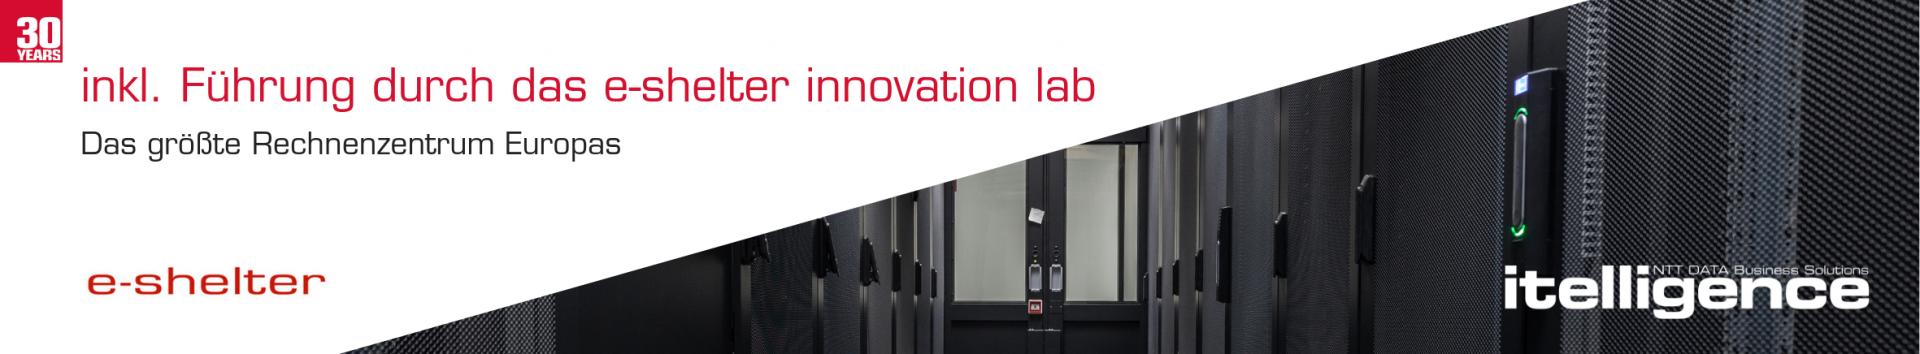 Businessfrühstück Managed Innovation: 28. Juni 2019, e-shelter innovation lab, Frankfurt